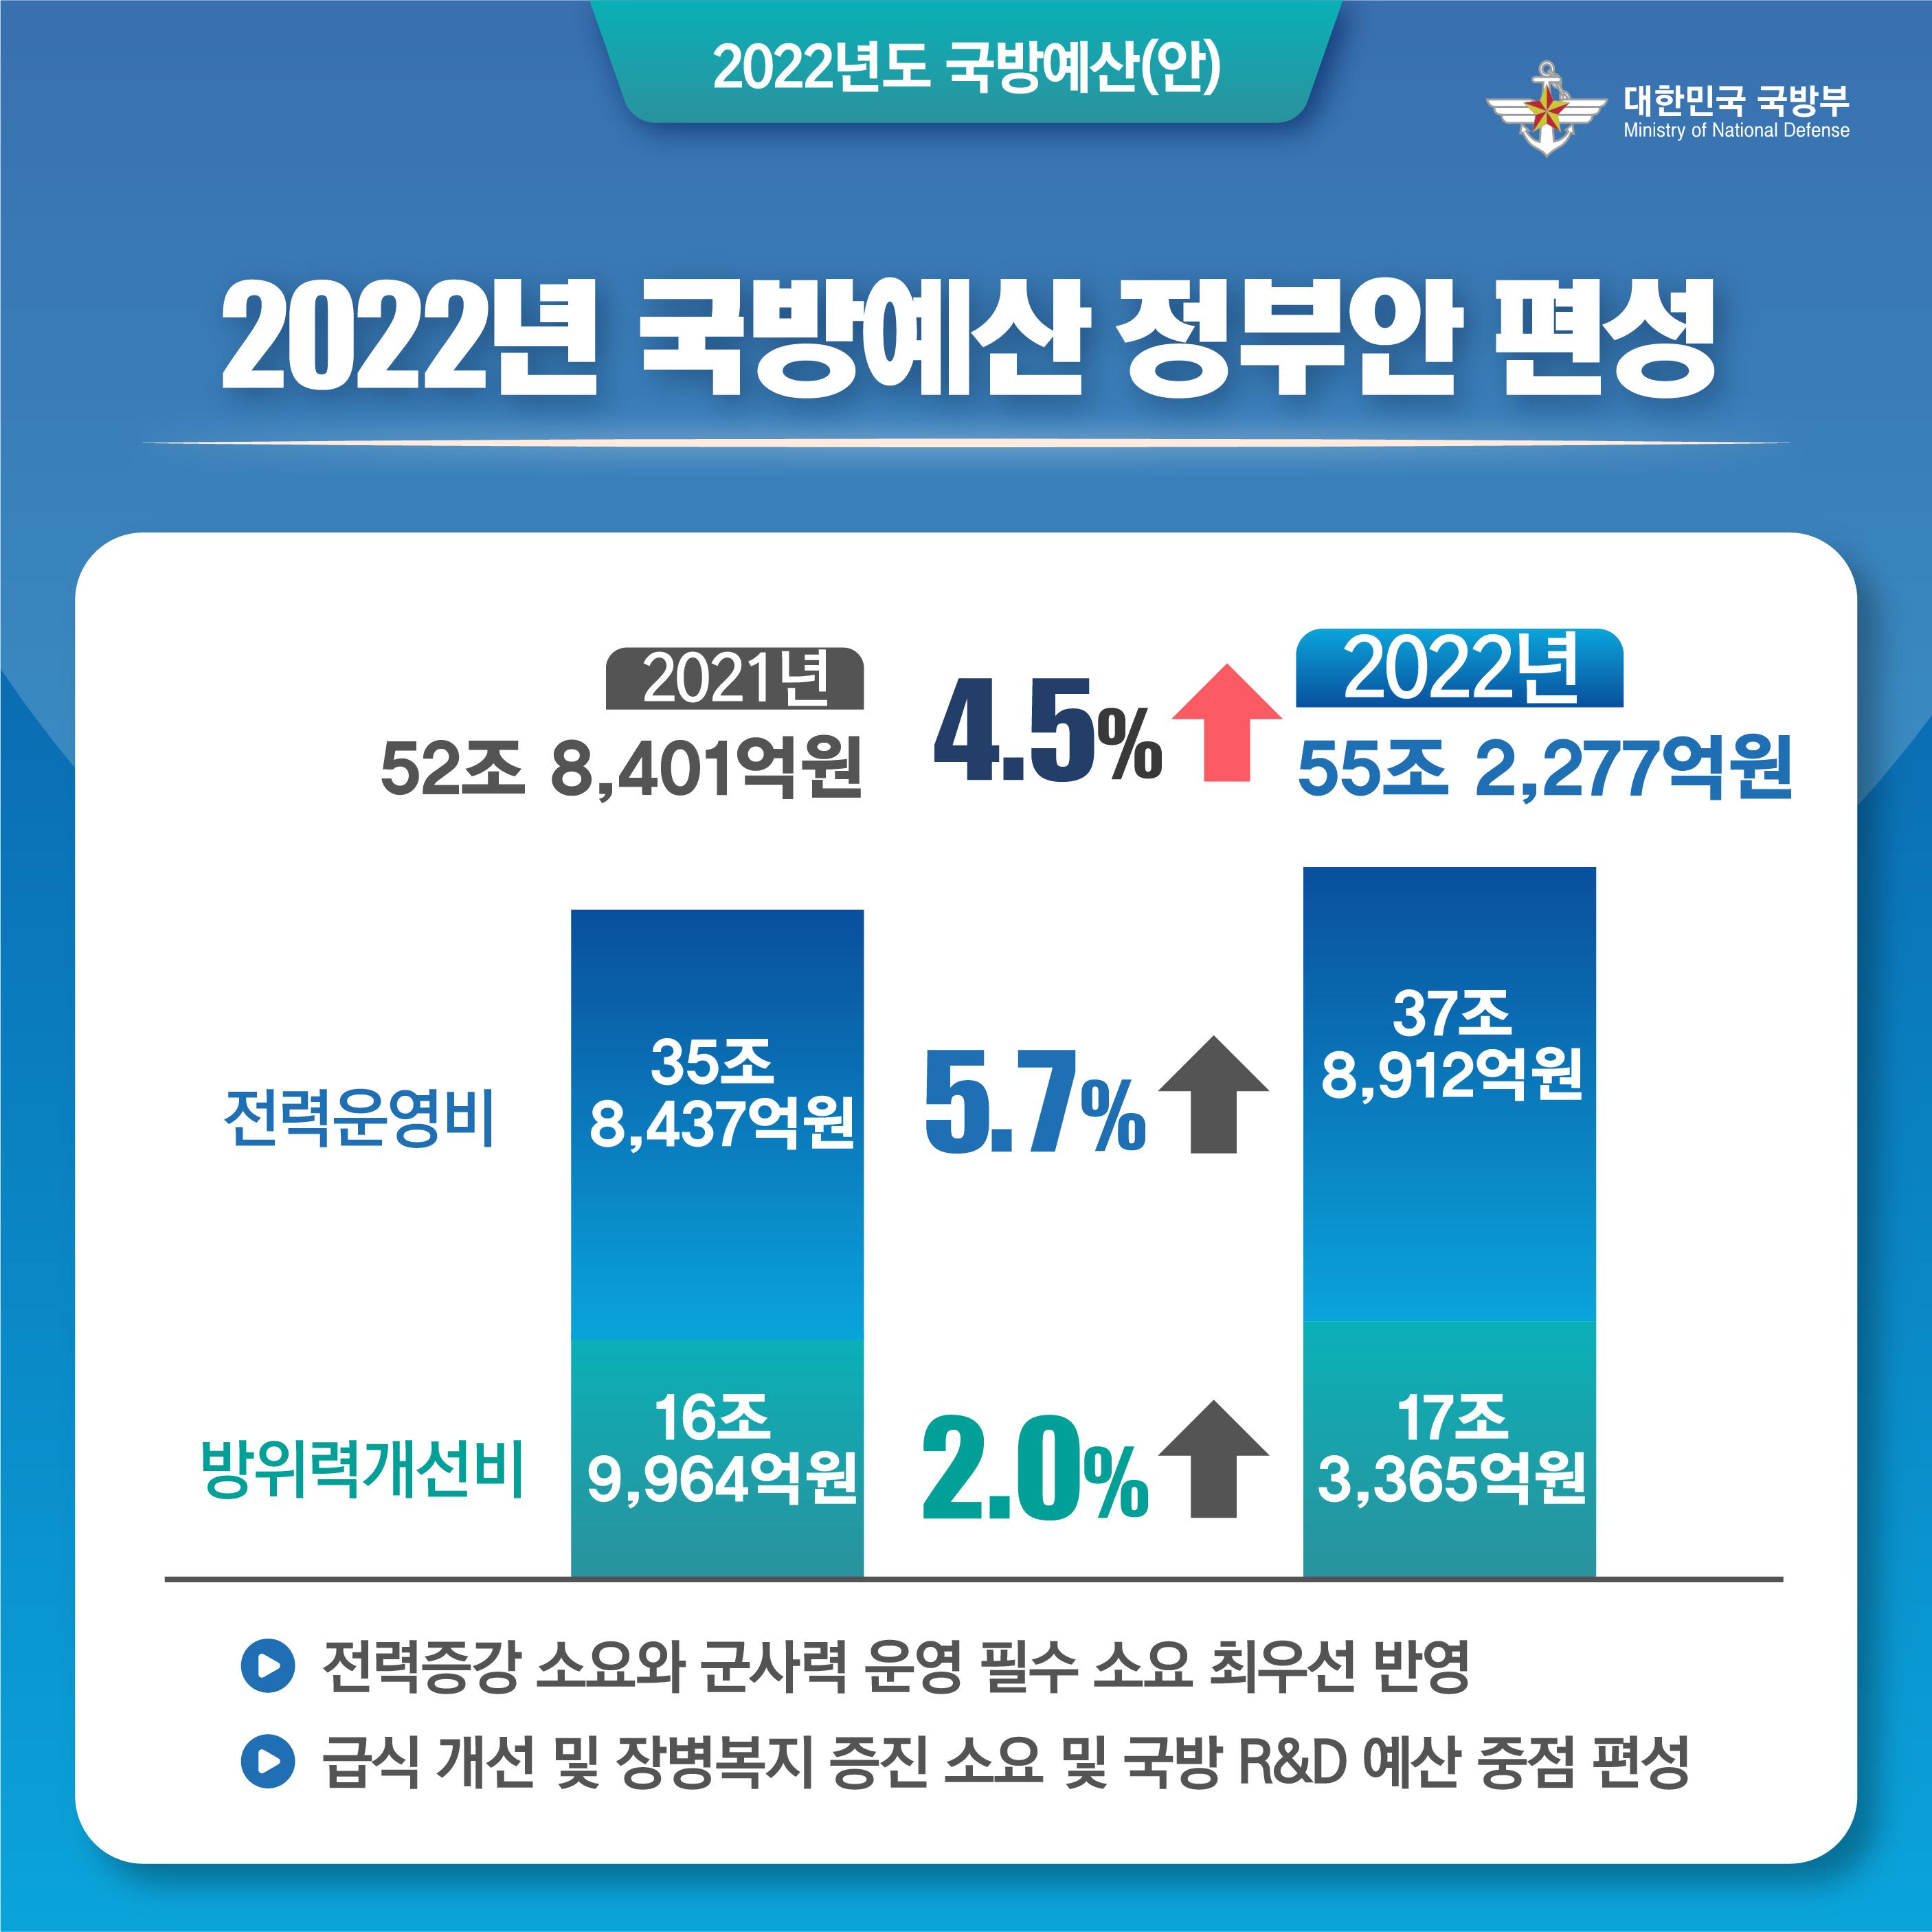 2022 국방예산 카드뉴스 2.jpg